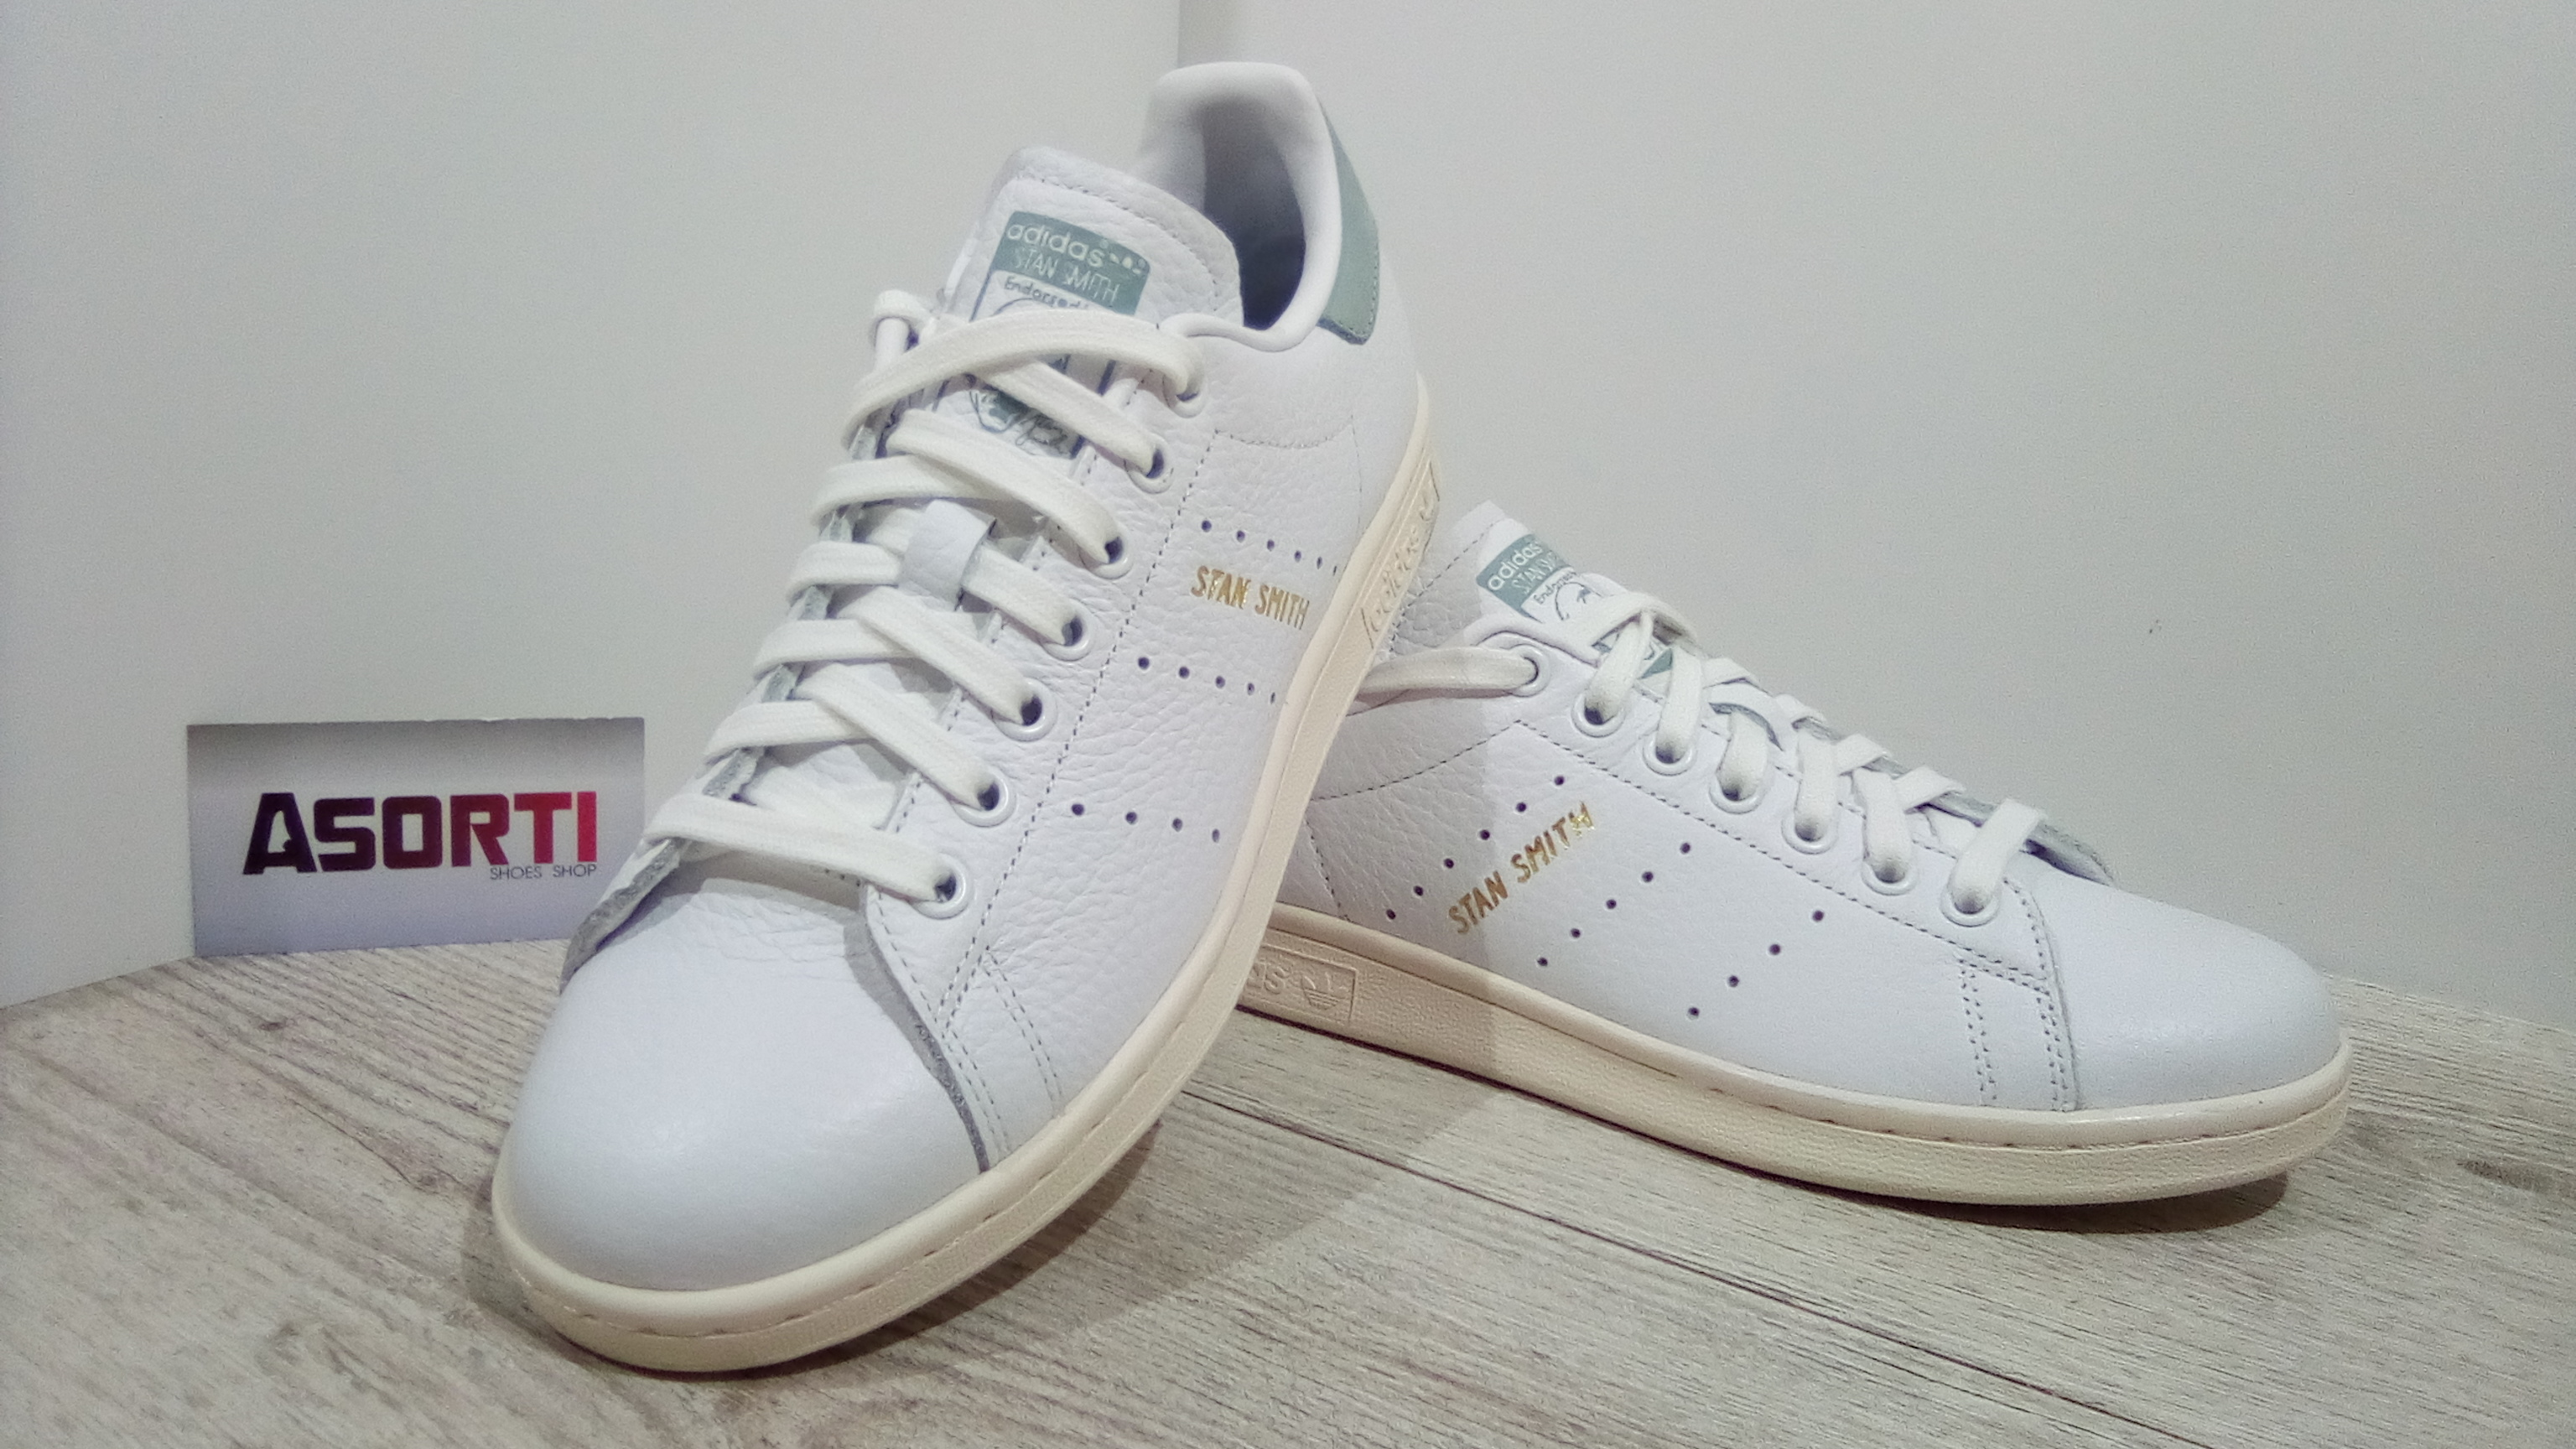 Жіночі кросівки Adidas Stan Smith білі (BZ0470) купити в Україні ... 9faa2ee0a9058